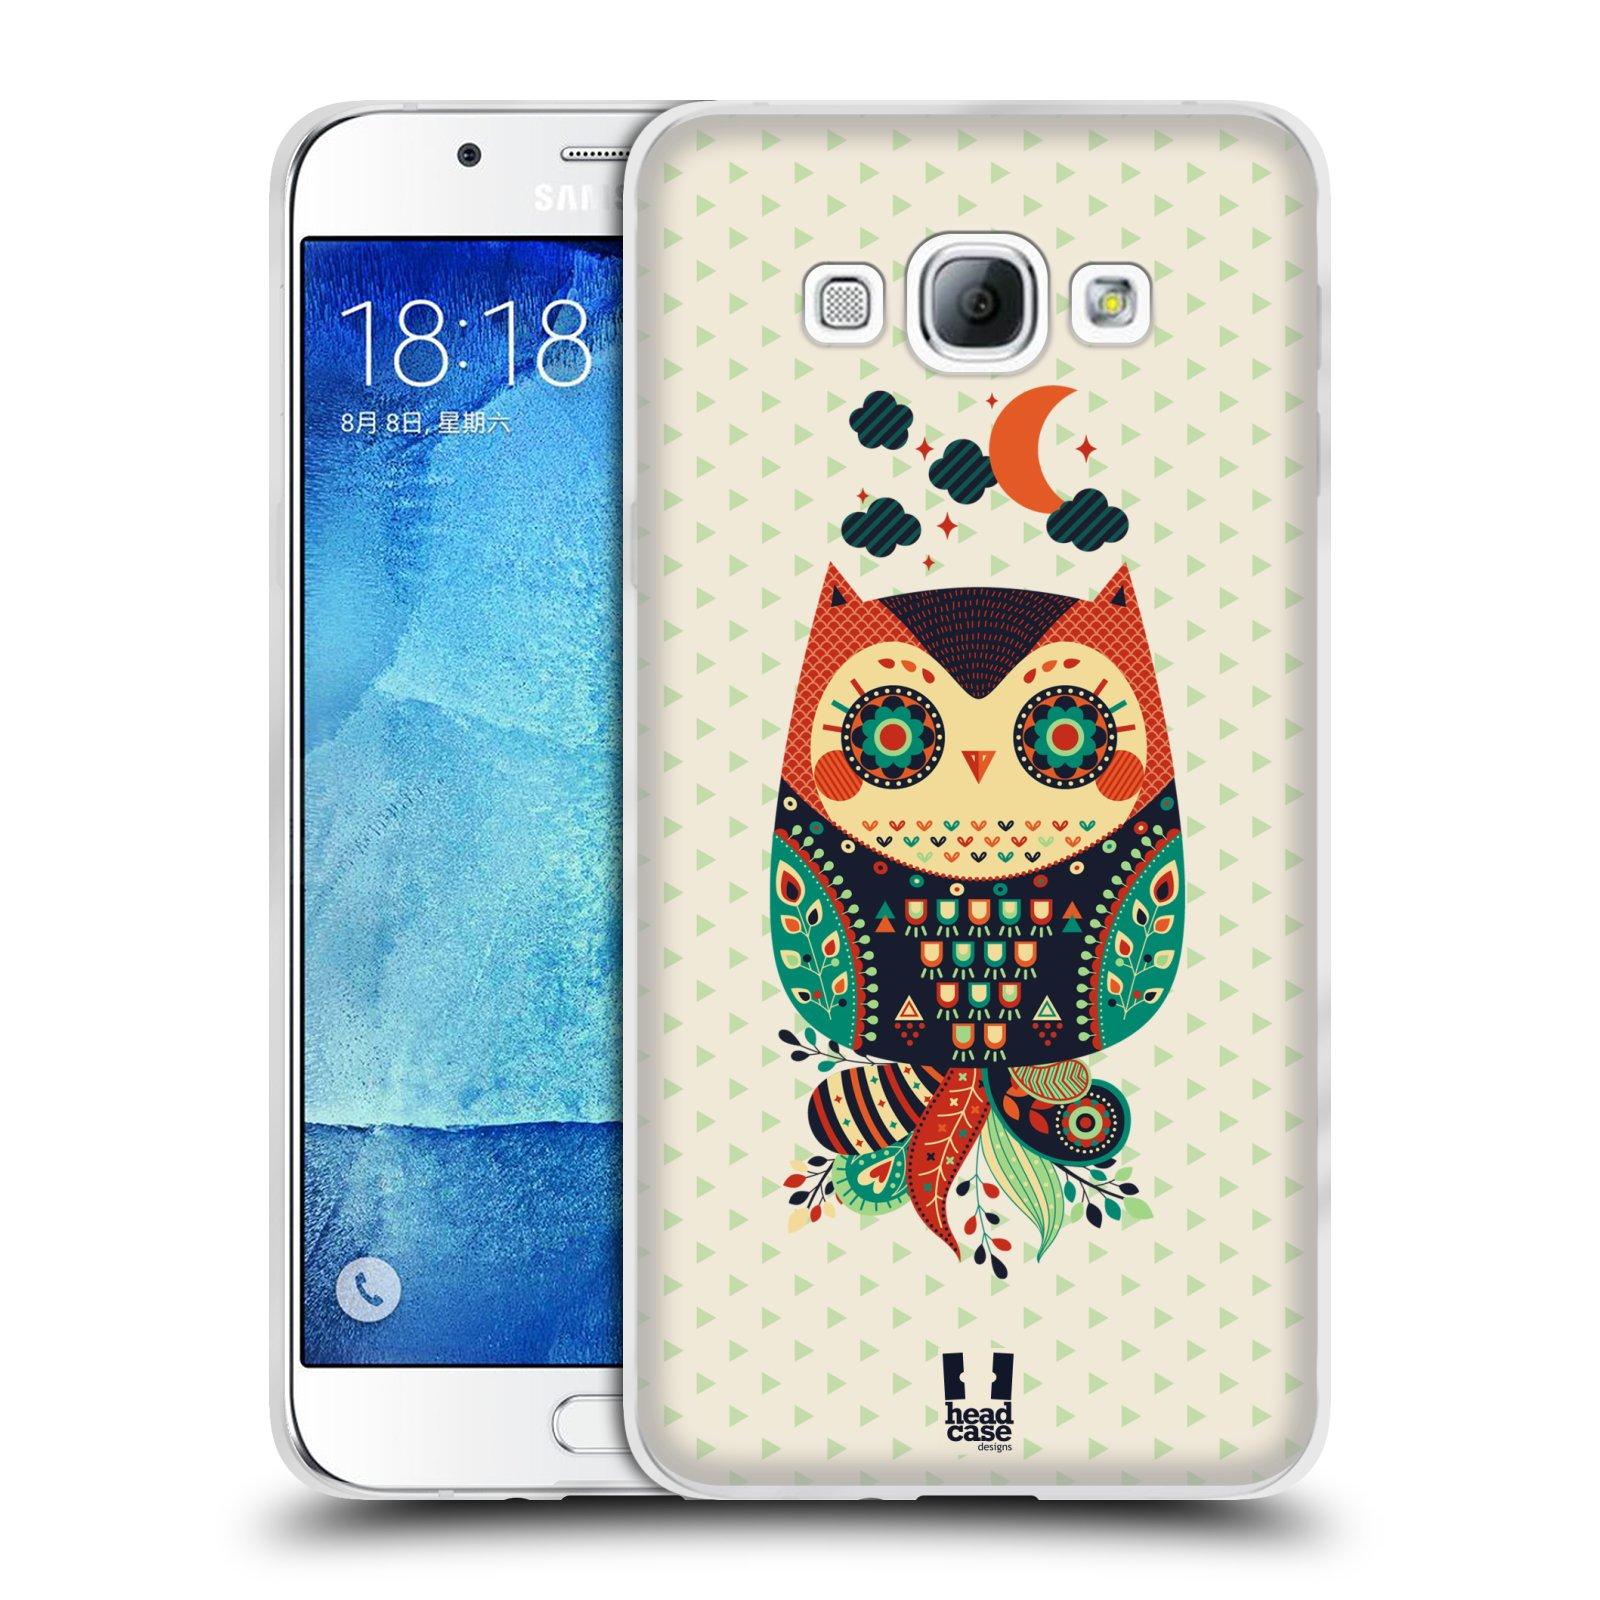 HEAD CASE silikonový obal na mobil Samsung Galaxy A8 vzor Stmívání sovička oranžová a zelená